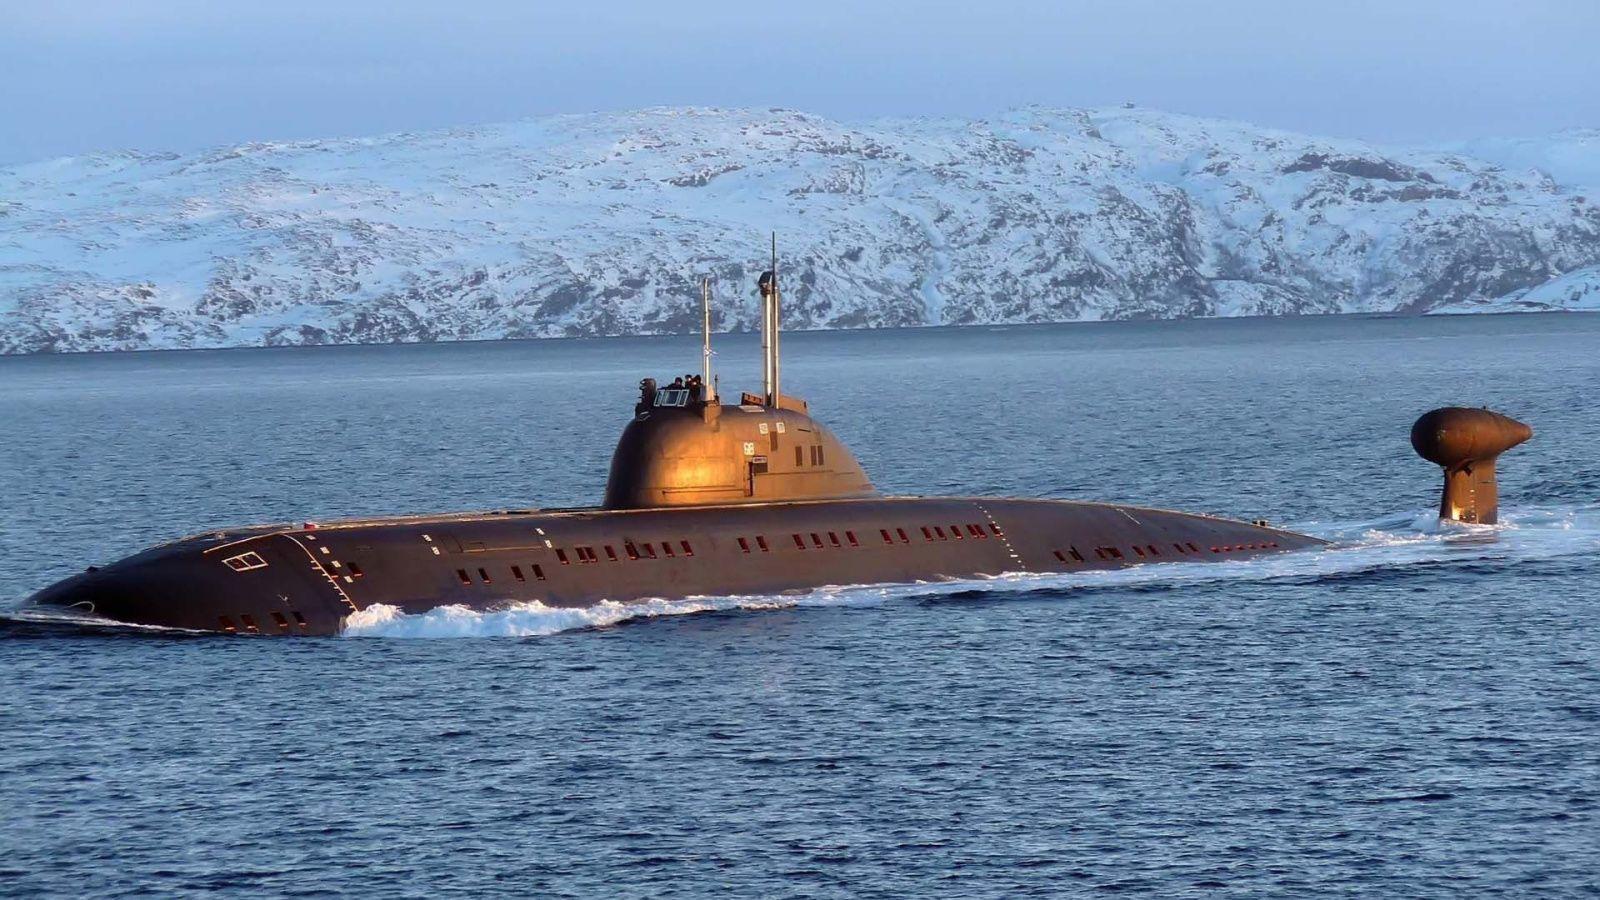 снимки подводных лодок